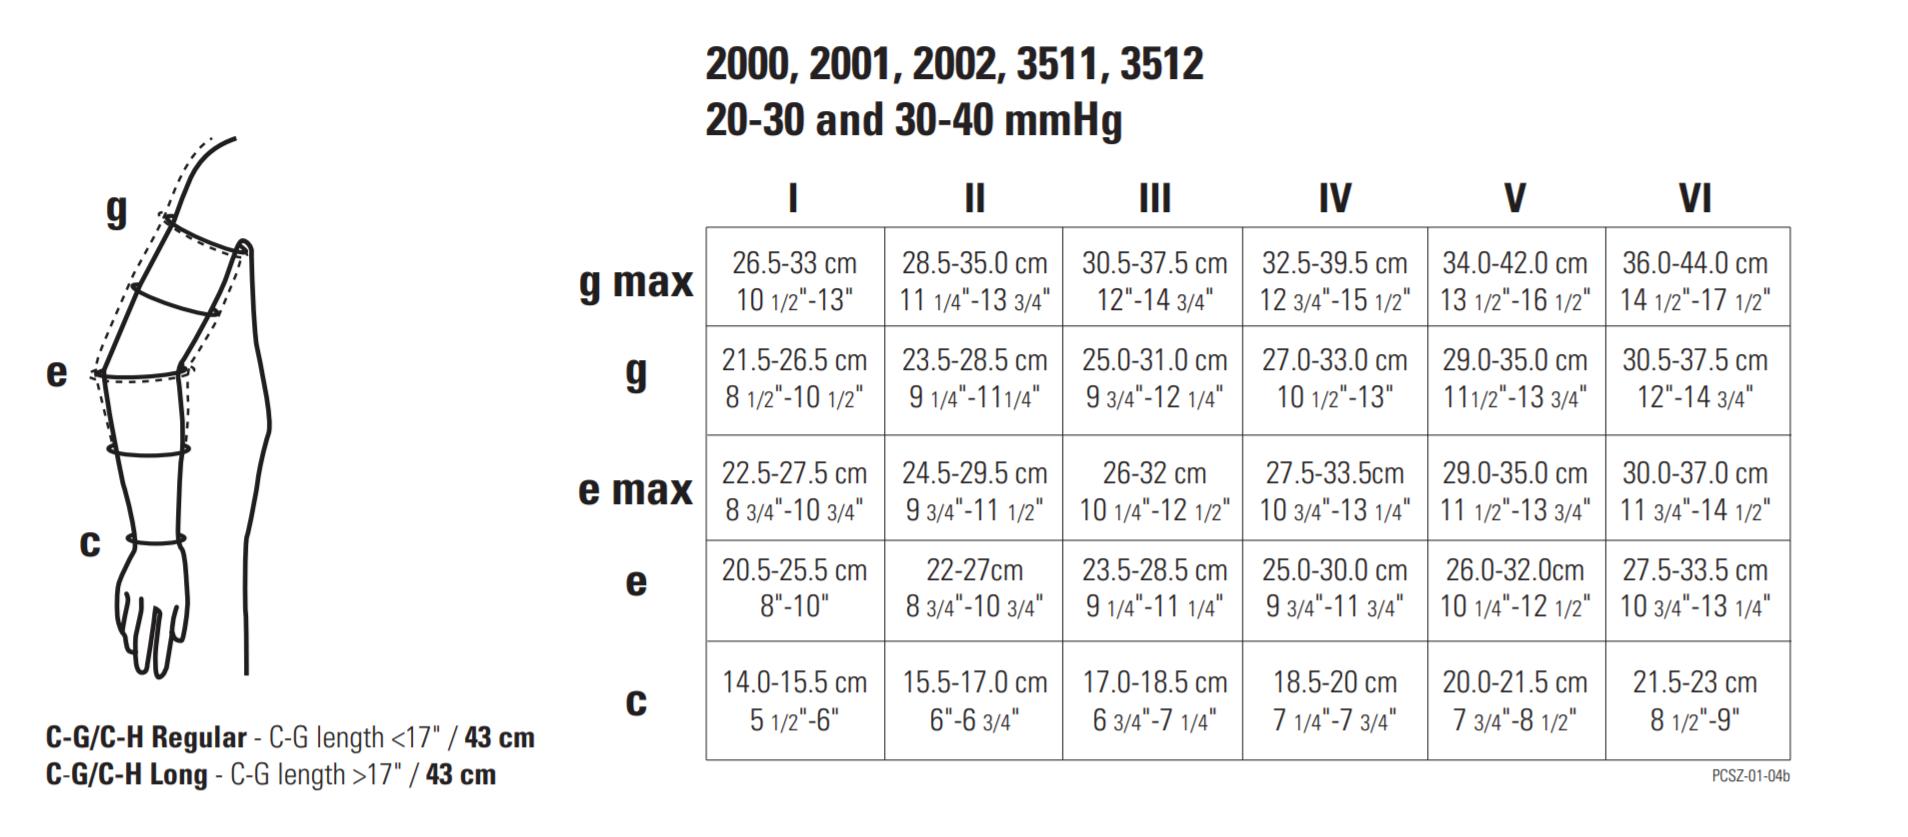 juzo-size-chart.png